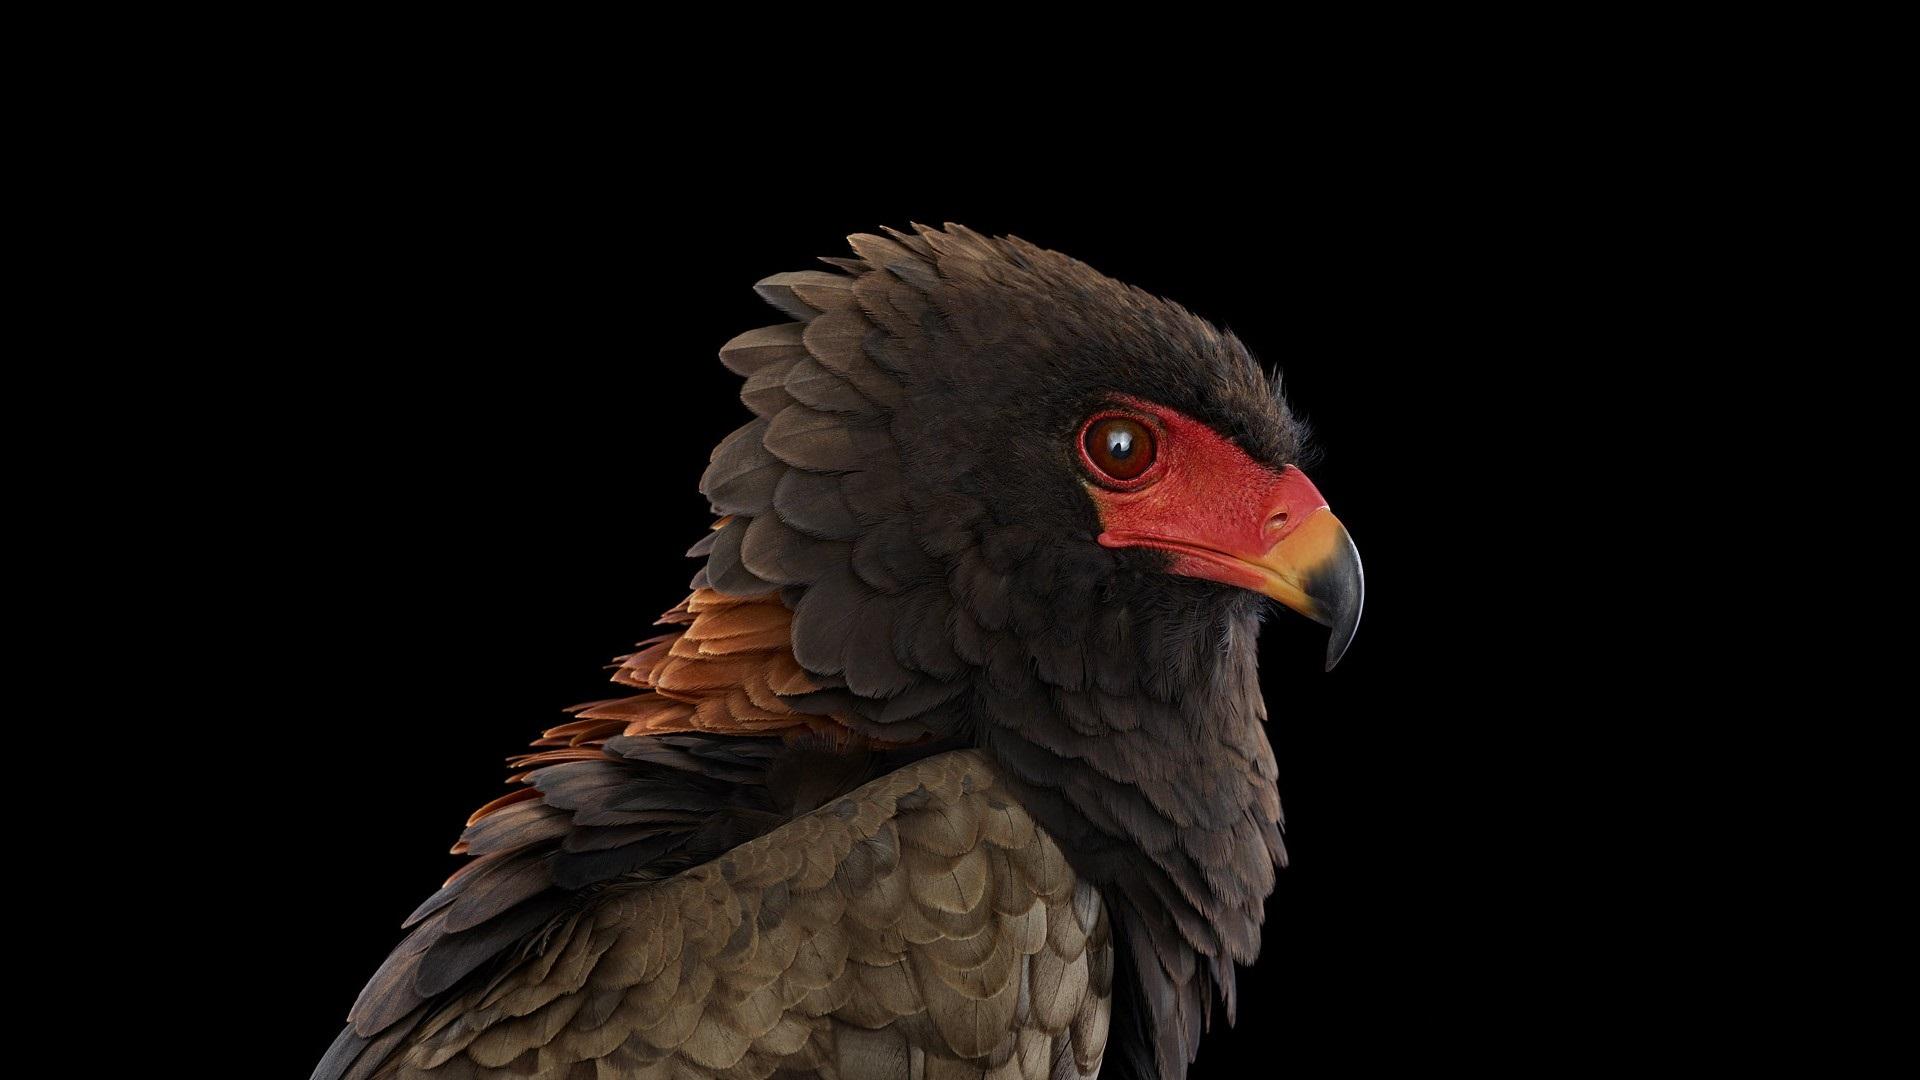 этих фото птиц на черном фоне героиня этого